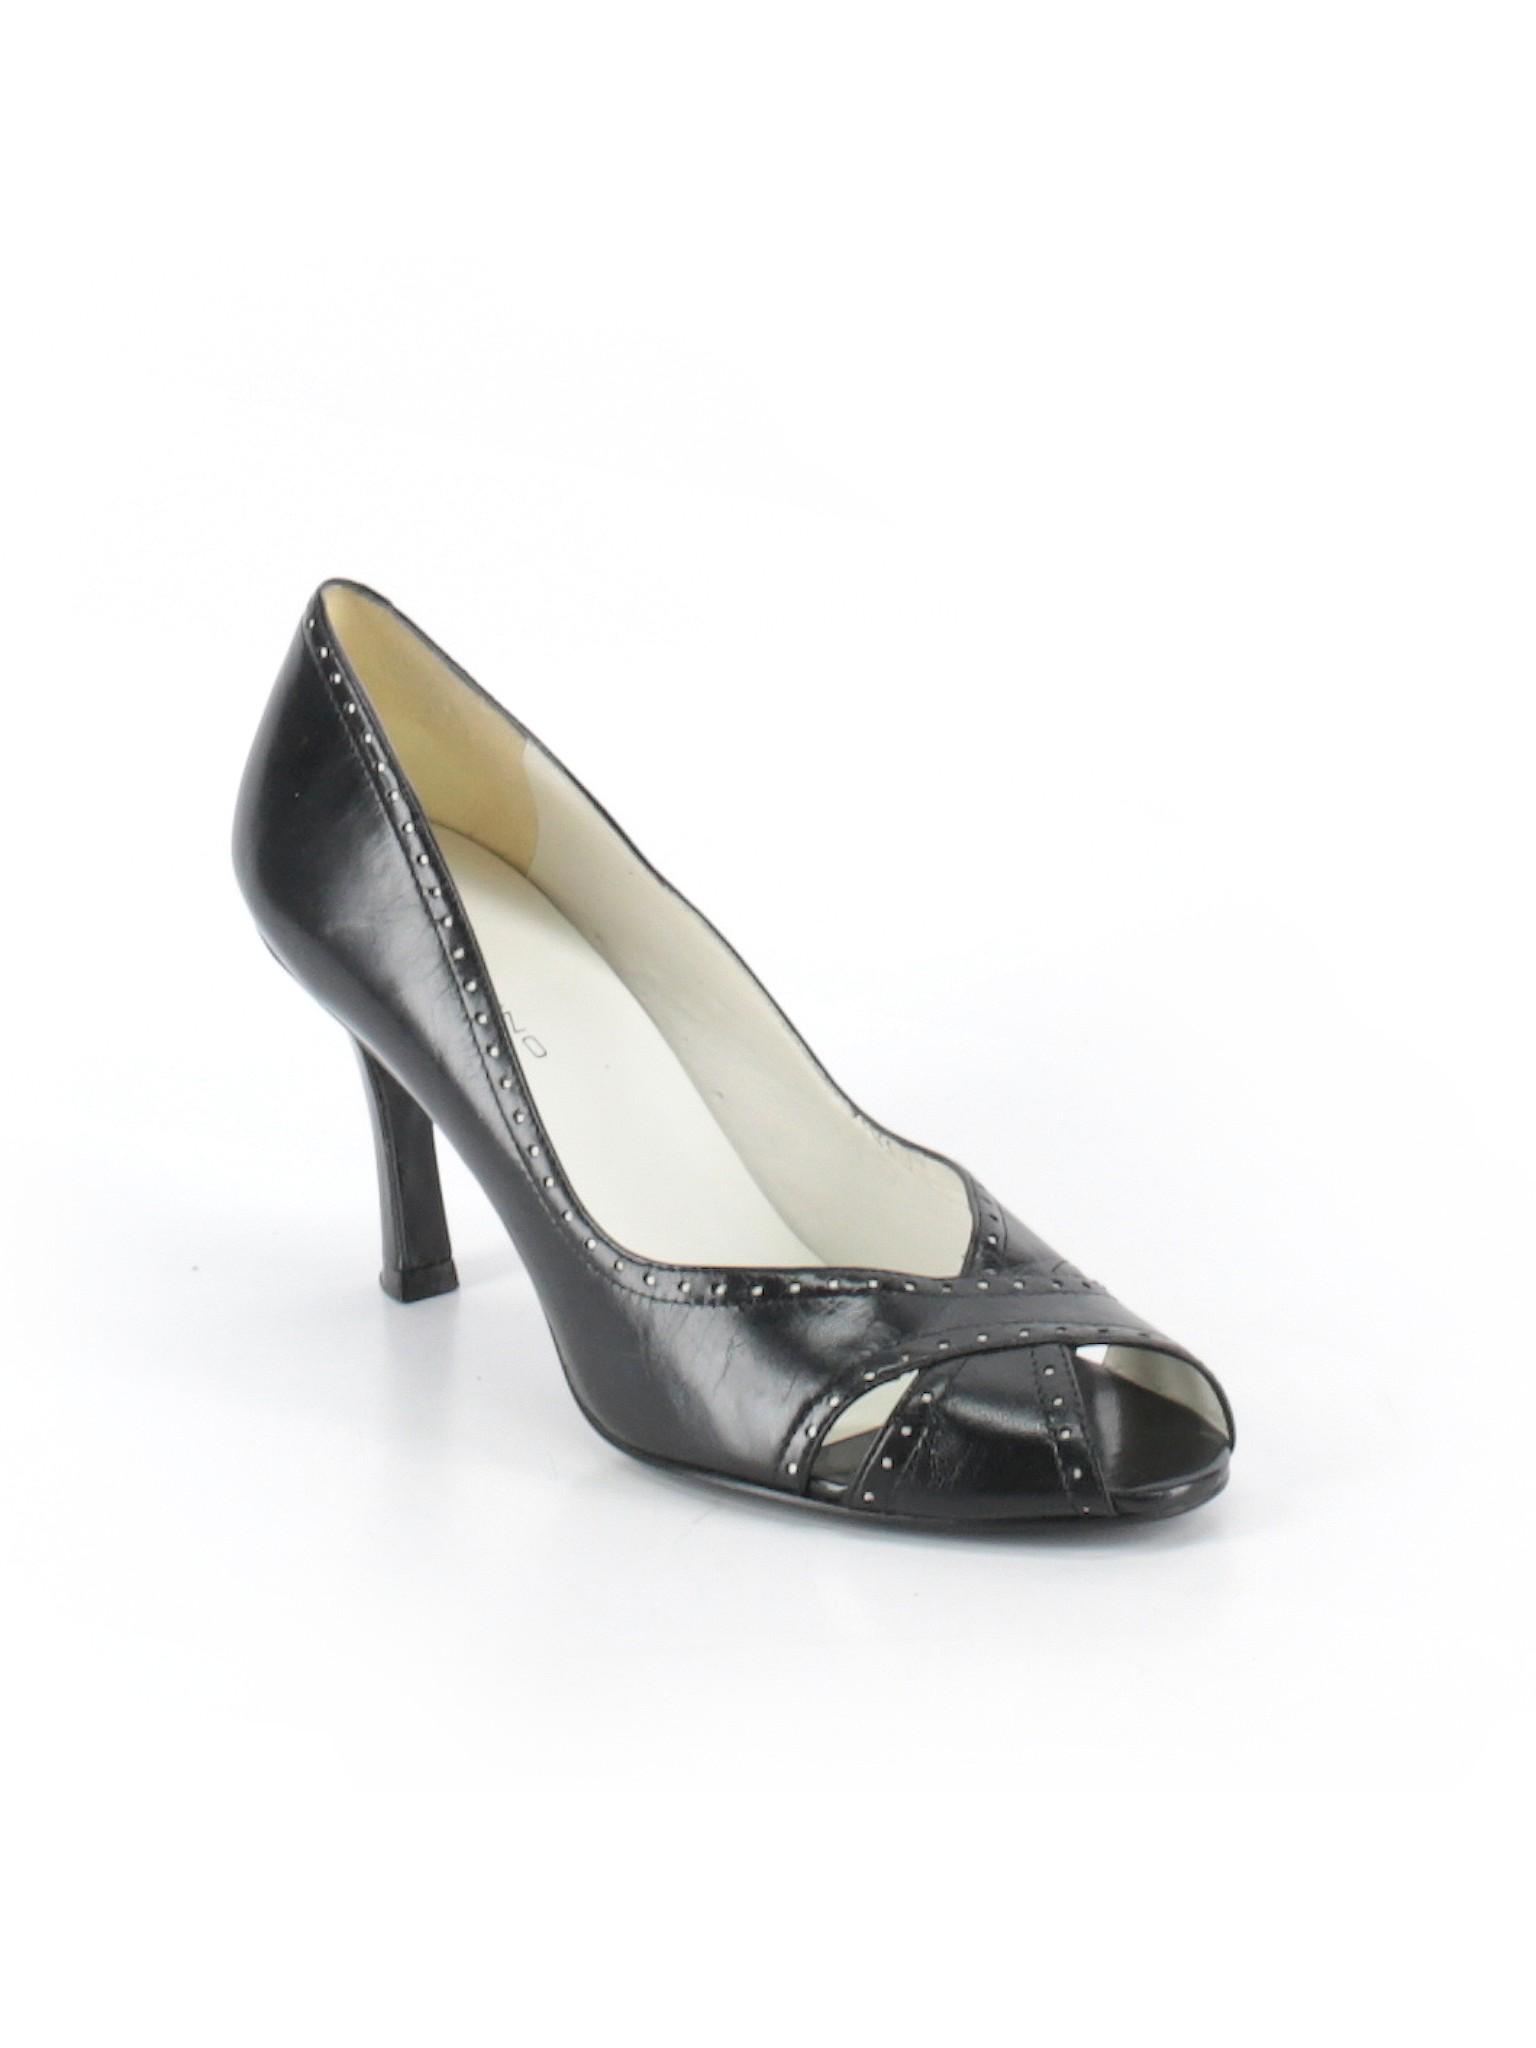 Bandolino Boutique Boutique Heels promotion promotion q5xWOtPg